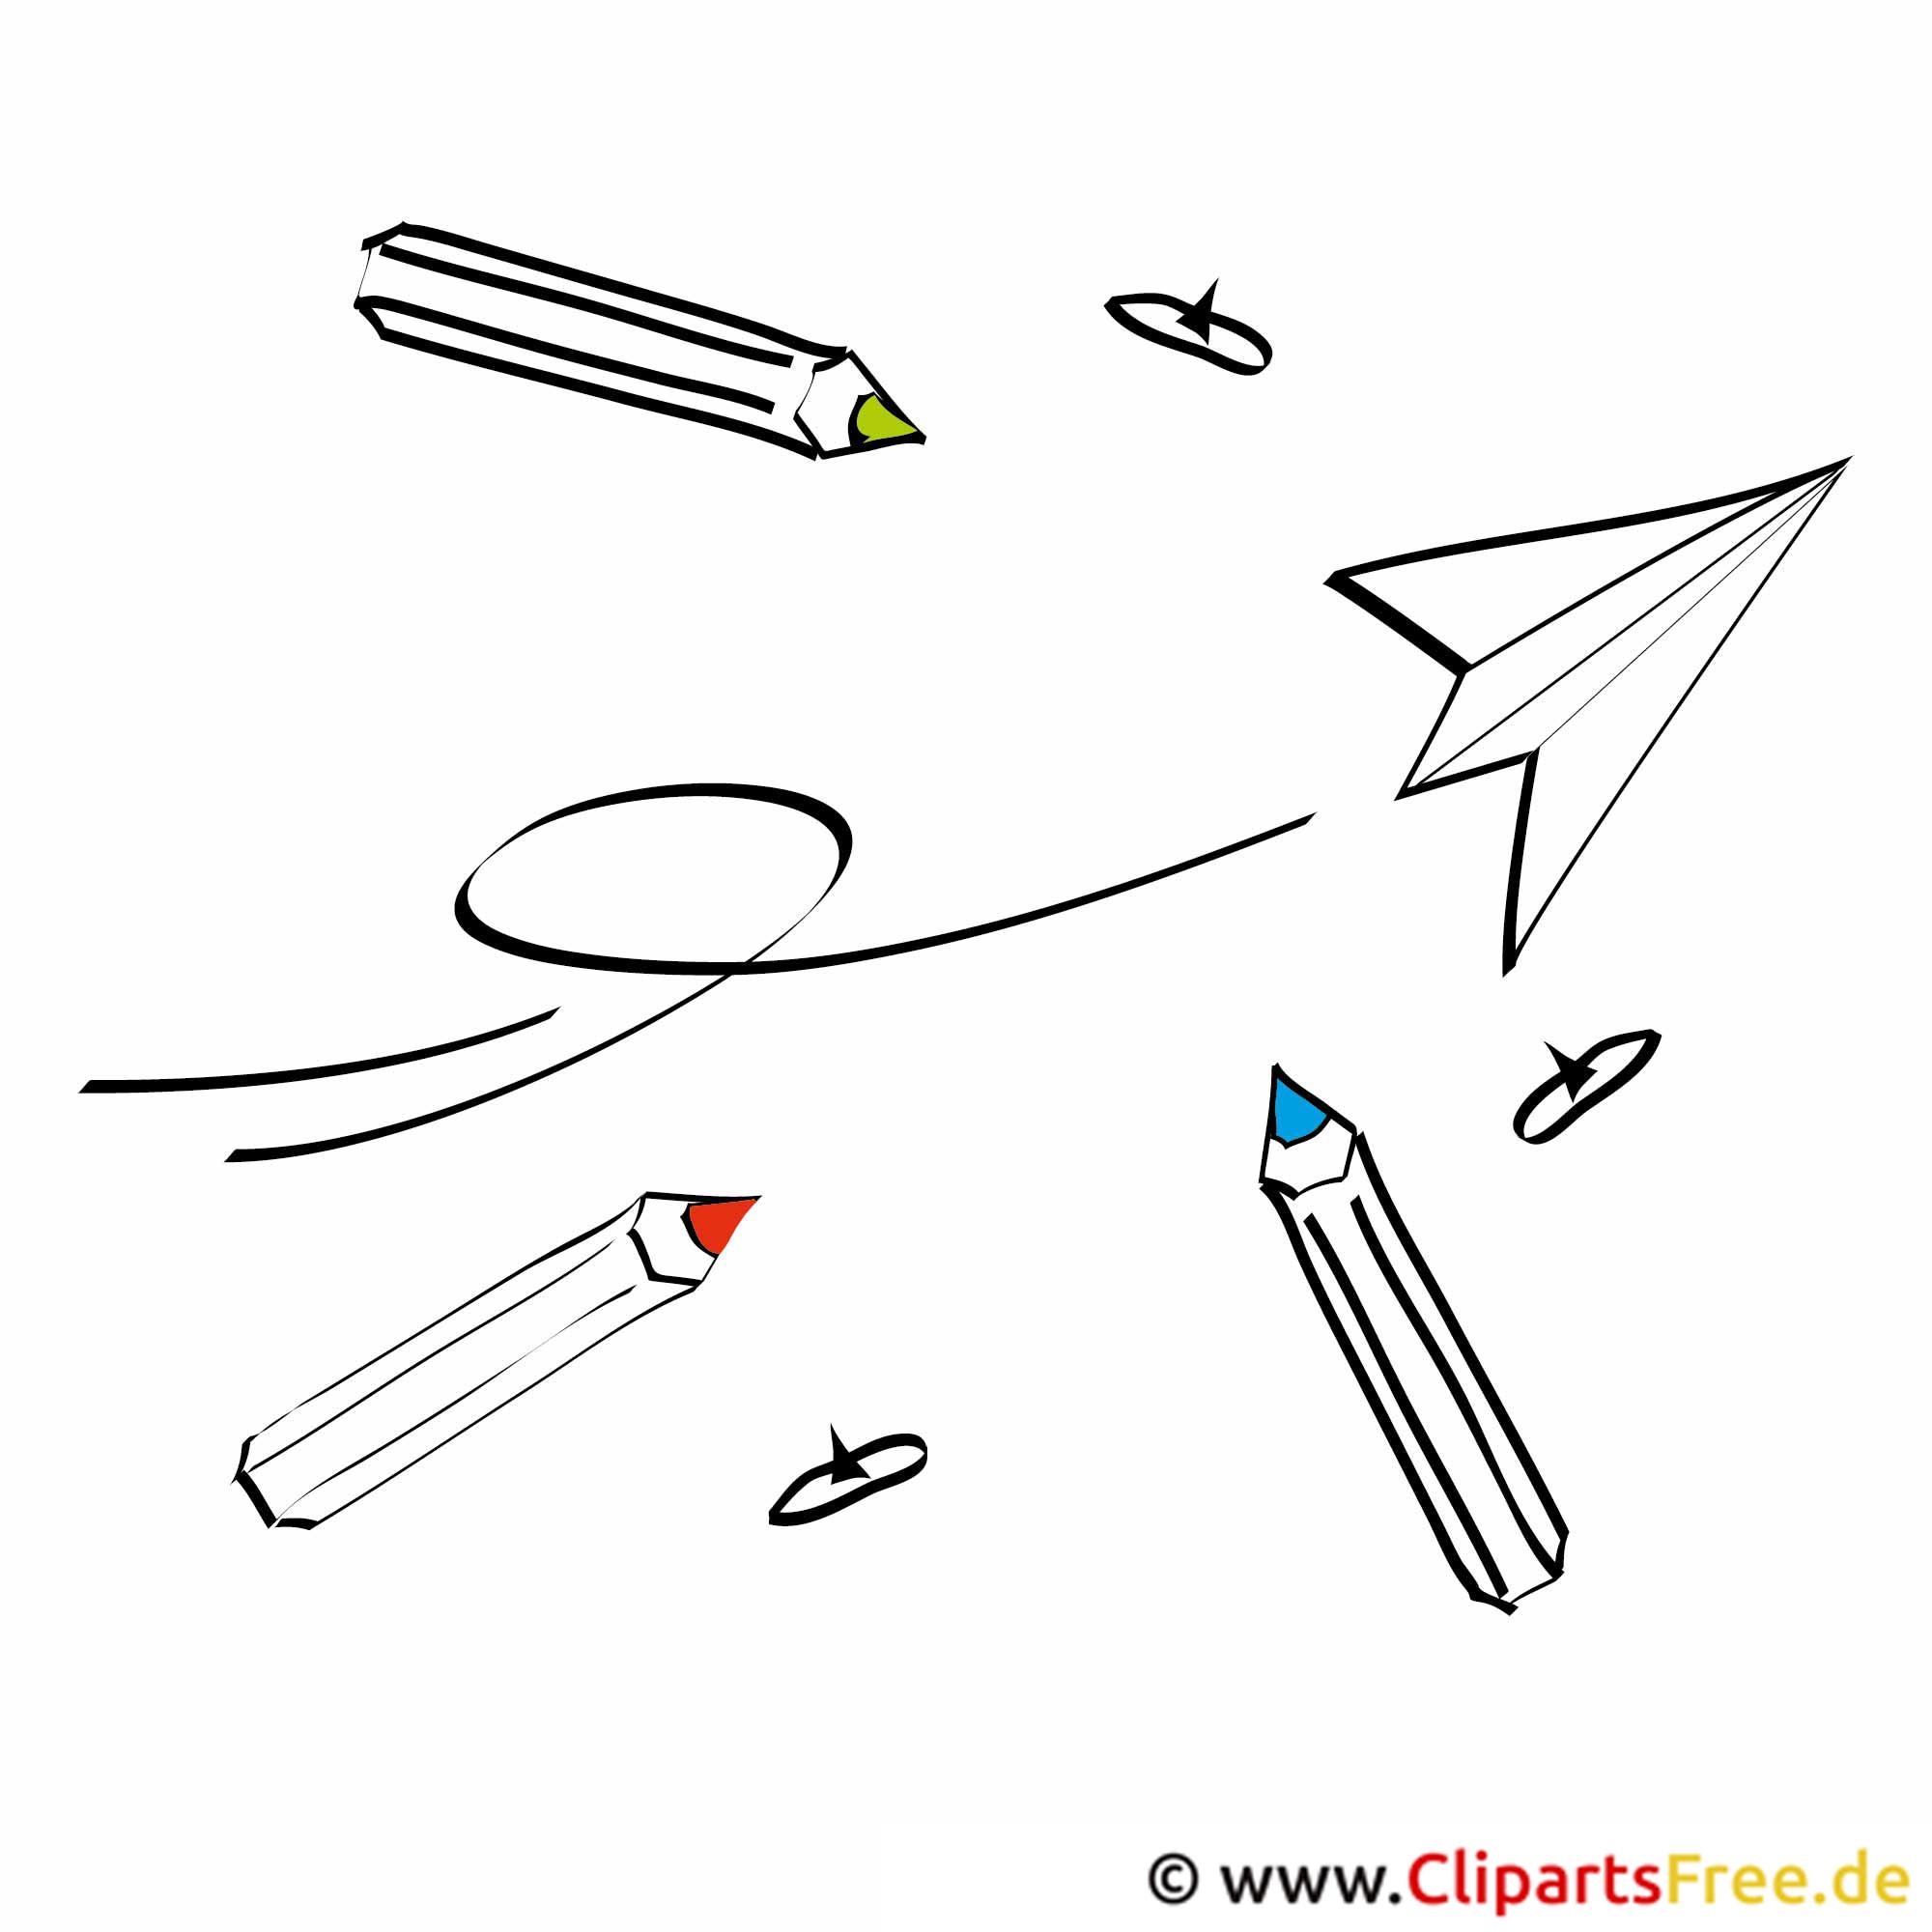 Schule clipart schwarz weiß  Schule Bilder, Cliparts, Cartoons, Grafiken, Illustrationen, Gifs ...